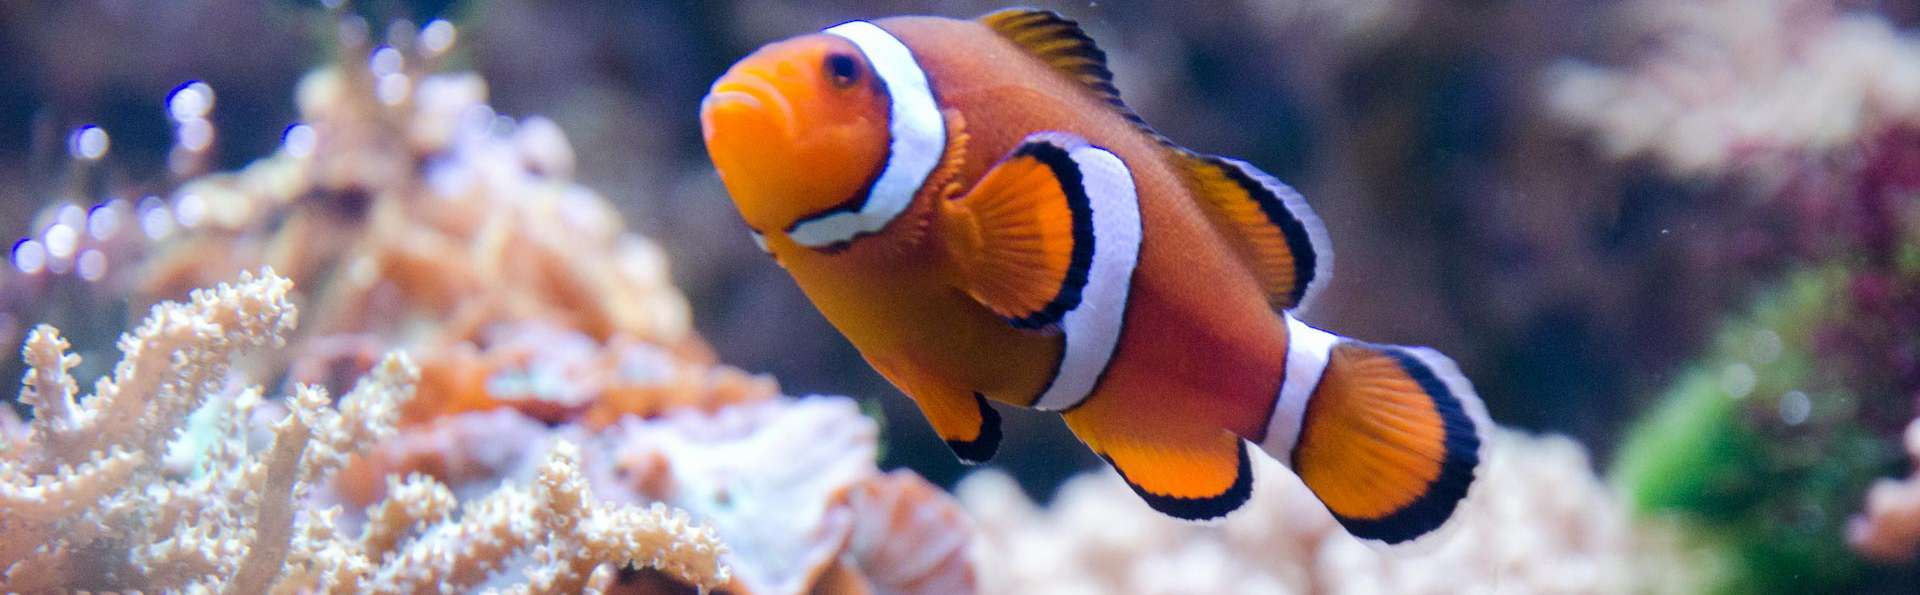 Partez à la découverte de l'aquarium de Lyon le temps d'un week-end !